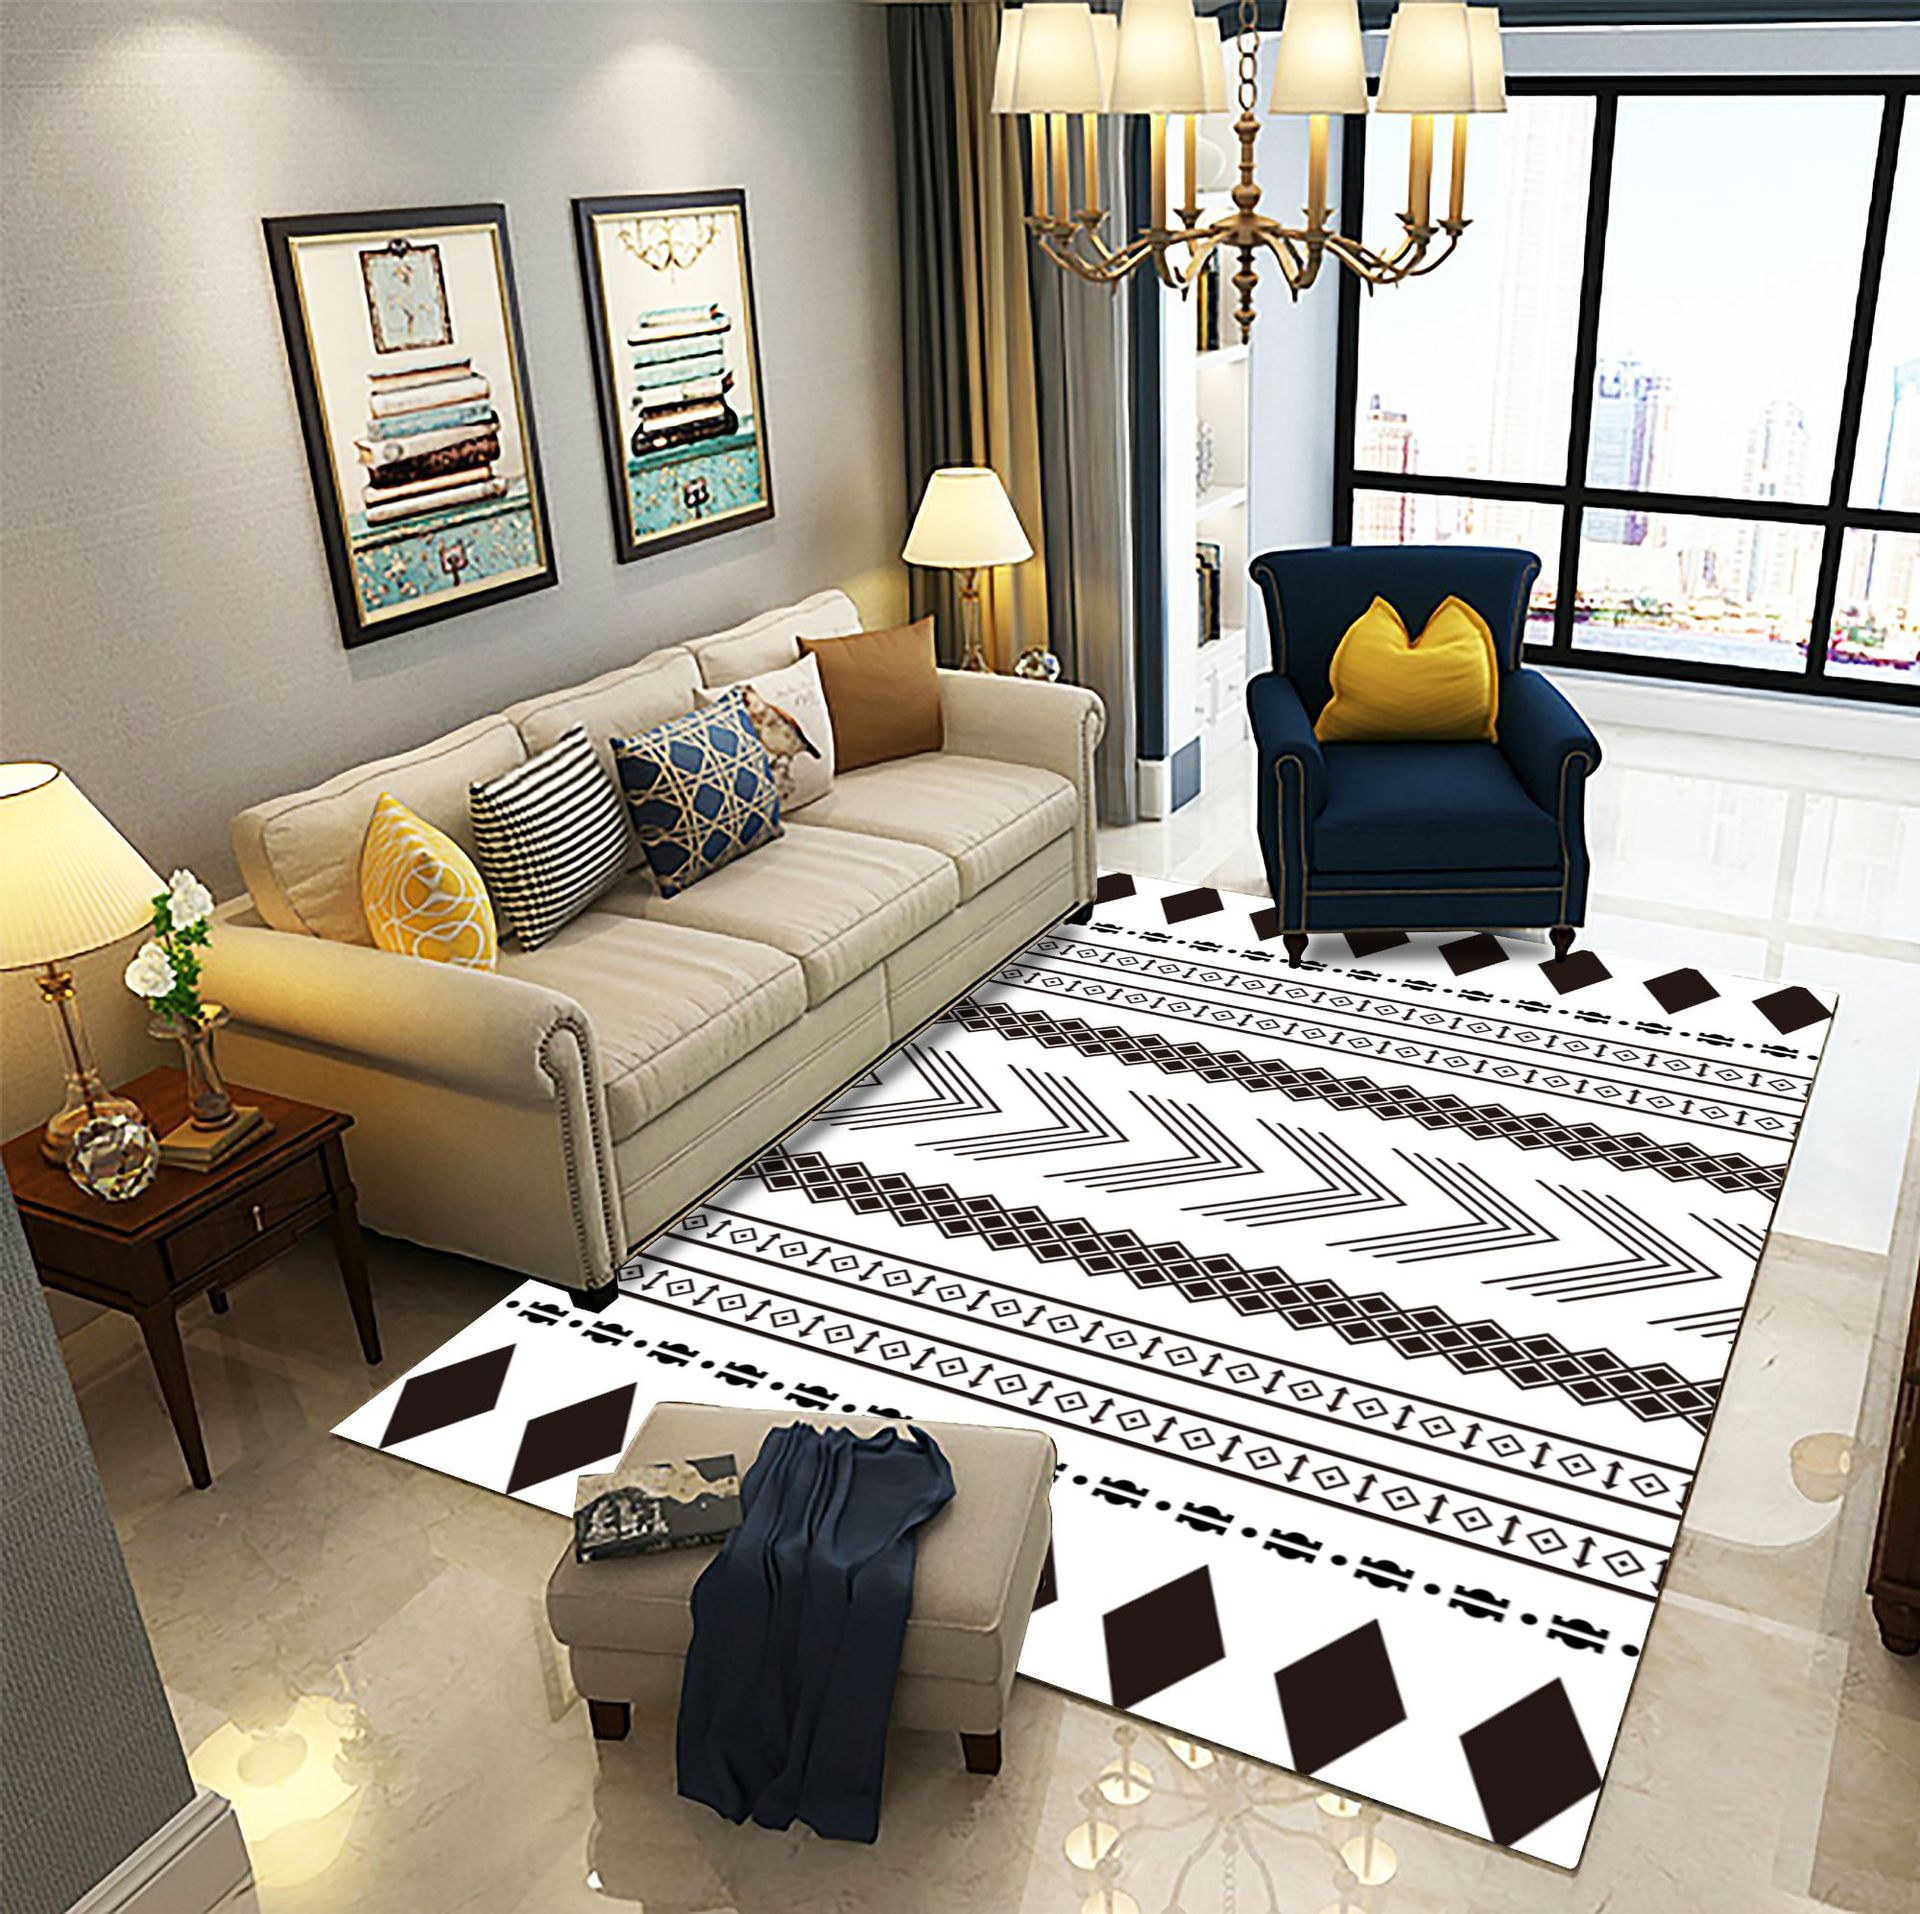 WANGZHIPENG thảm lót Nhà xuyên biên giới Phòng khách Bắc Âu bàn cà phê in thảm 3D mô hình phòng trưn